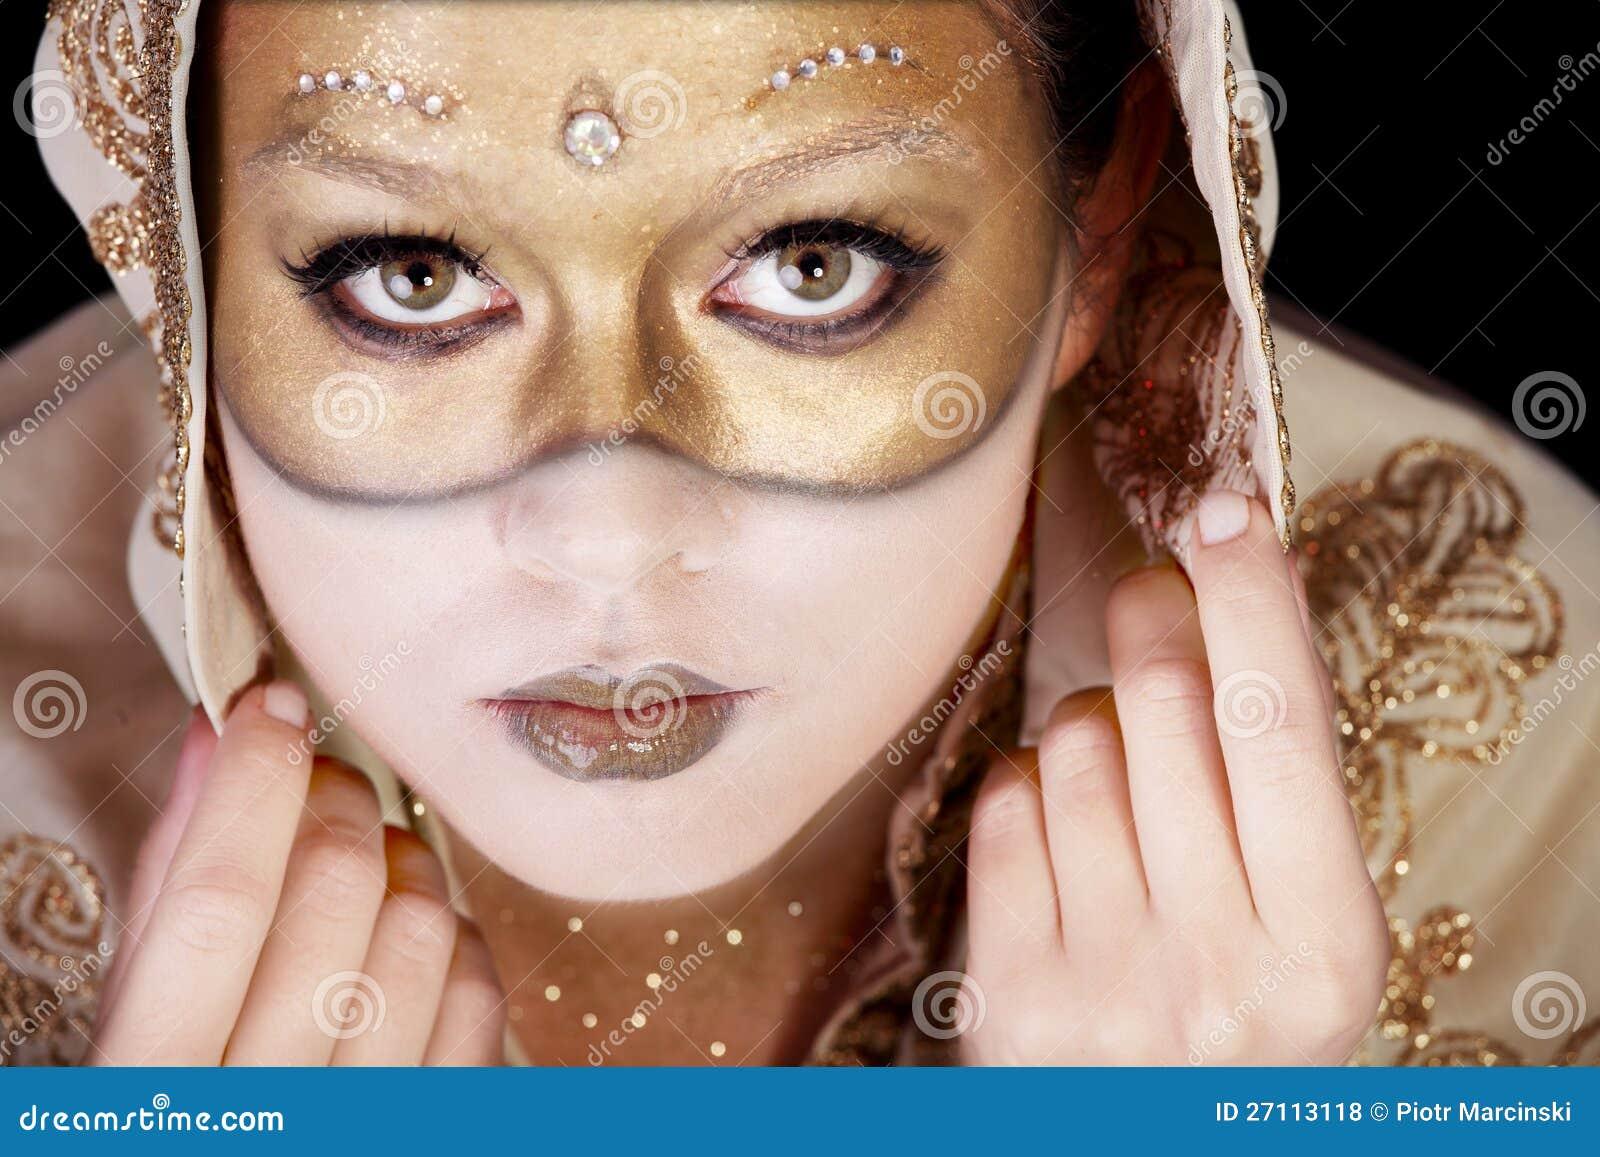 Снимает макияж как маску